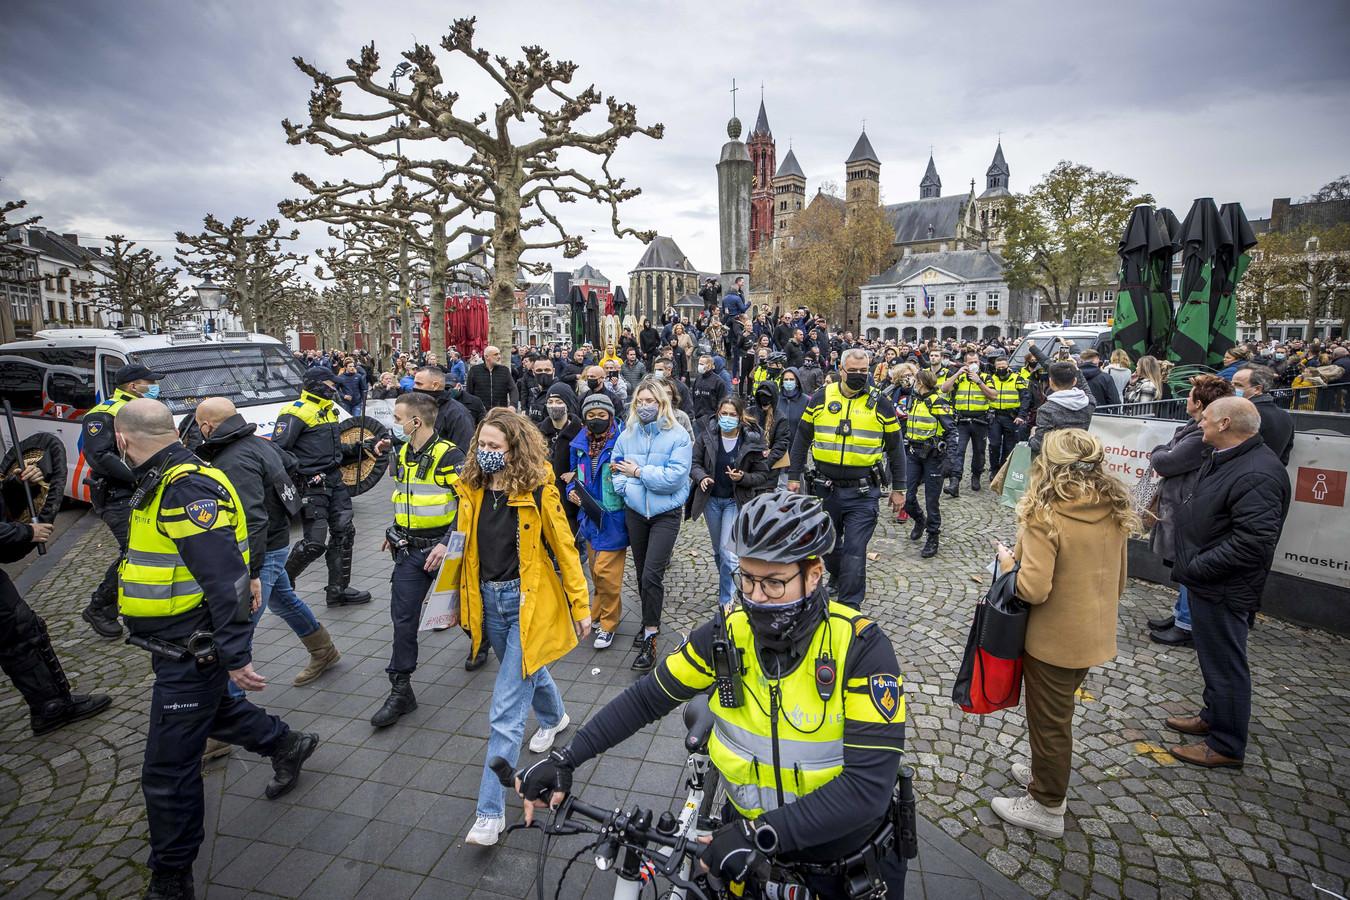 De demonstratie op het Vrijthof in Maastricht, afgelopen zondag.